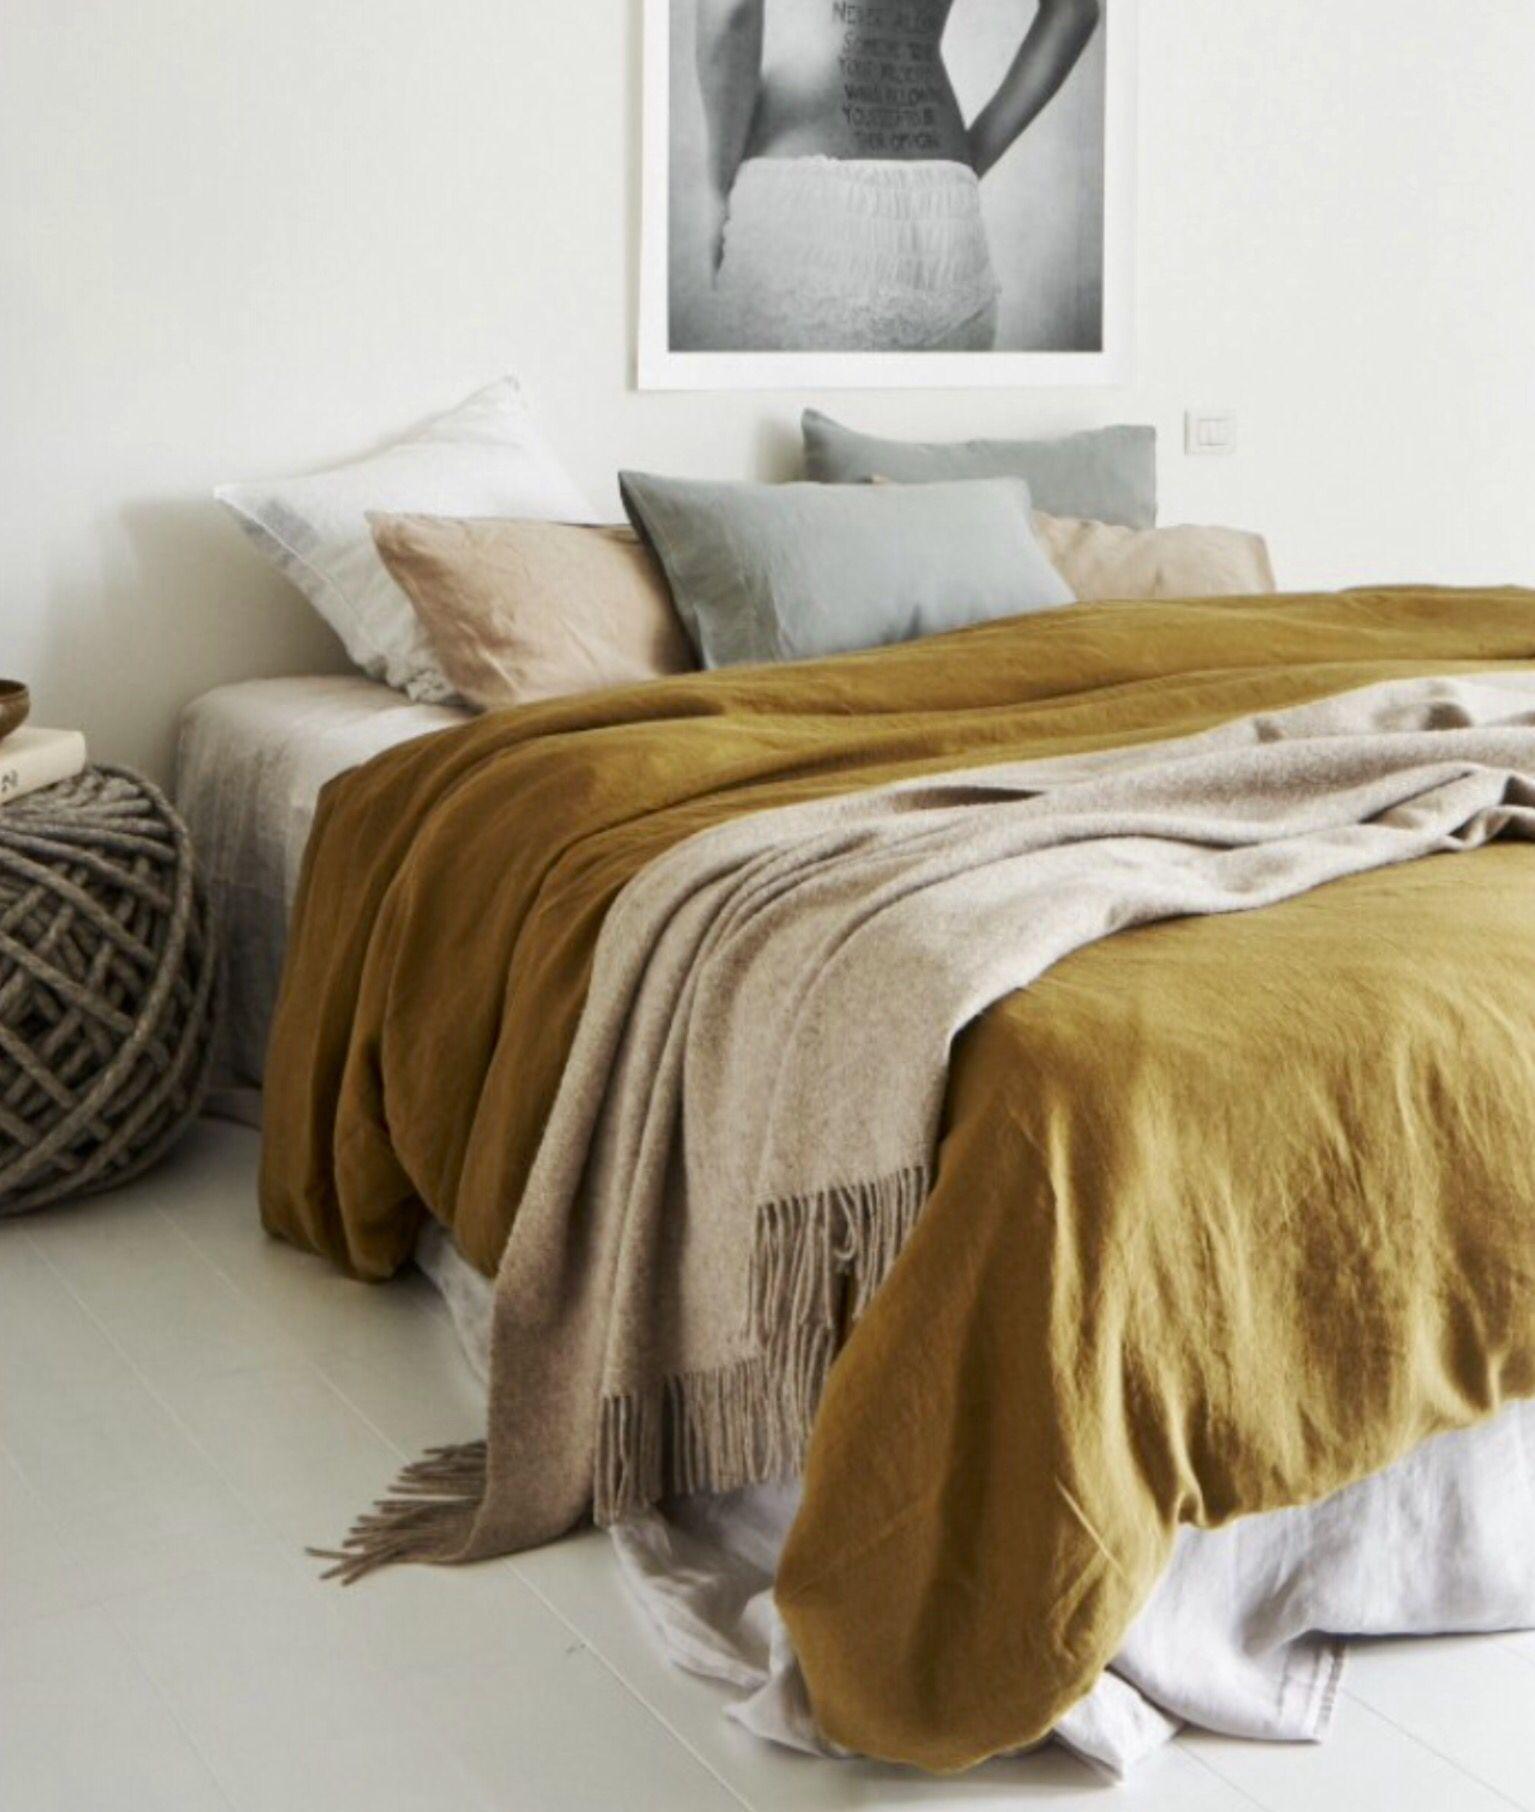 chambre avec couvre lit coloris moutarde the crib pinterest dormitorio dulce hogar y textiles. Black Bedroom Furniture Sets. Home Design Ideas